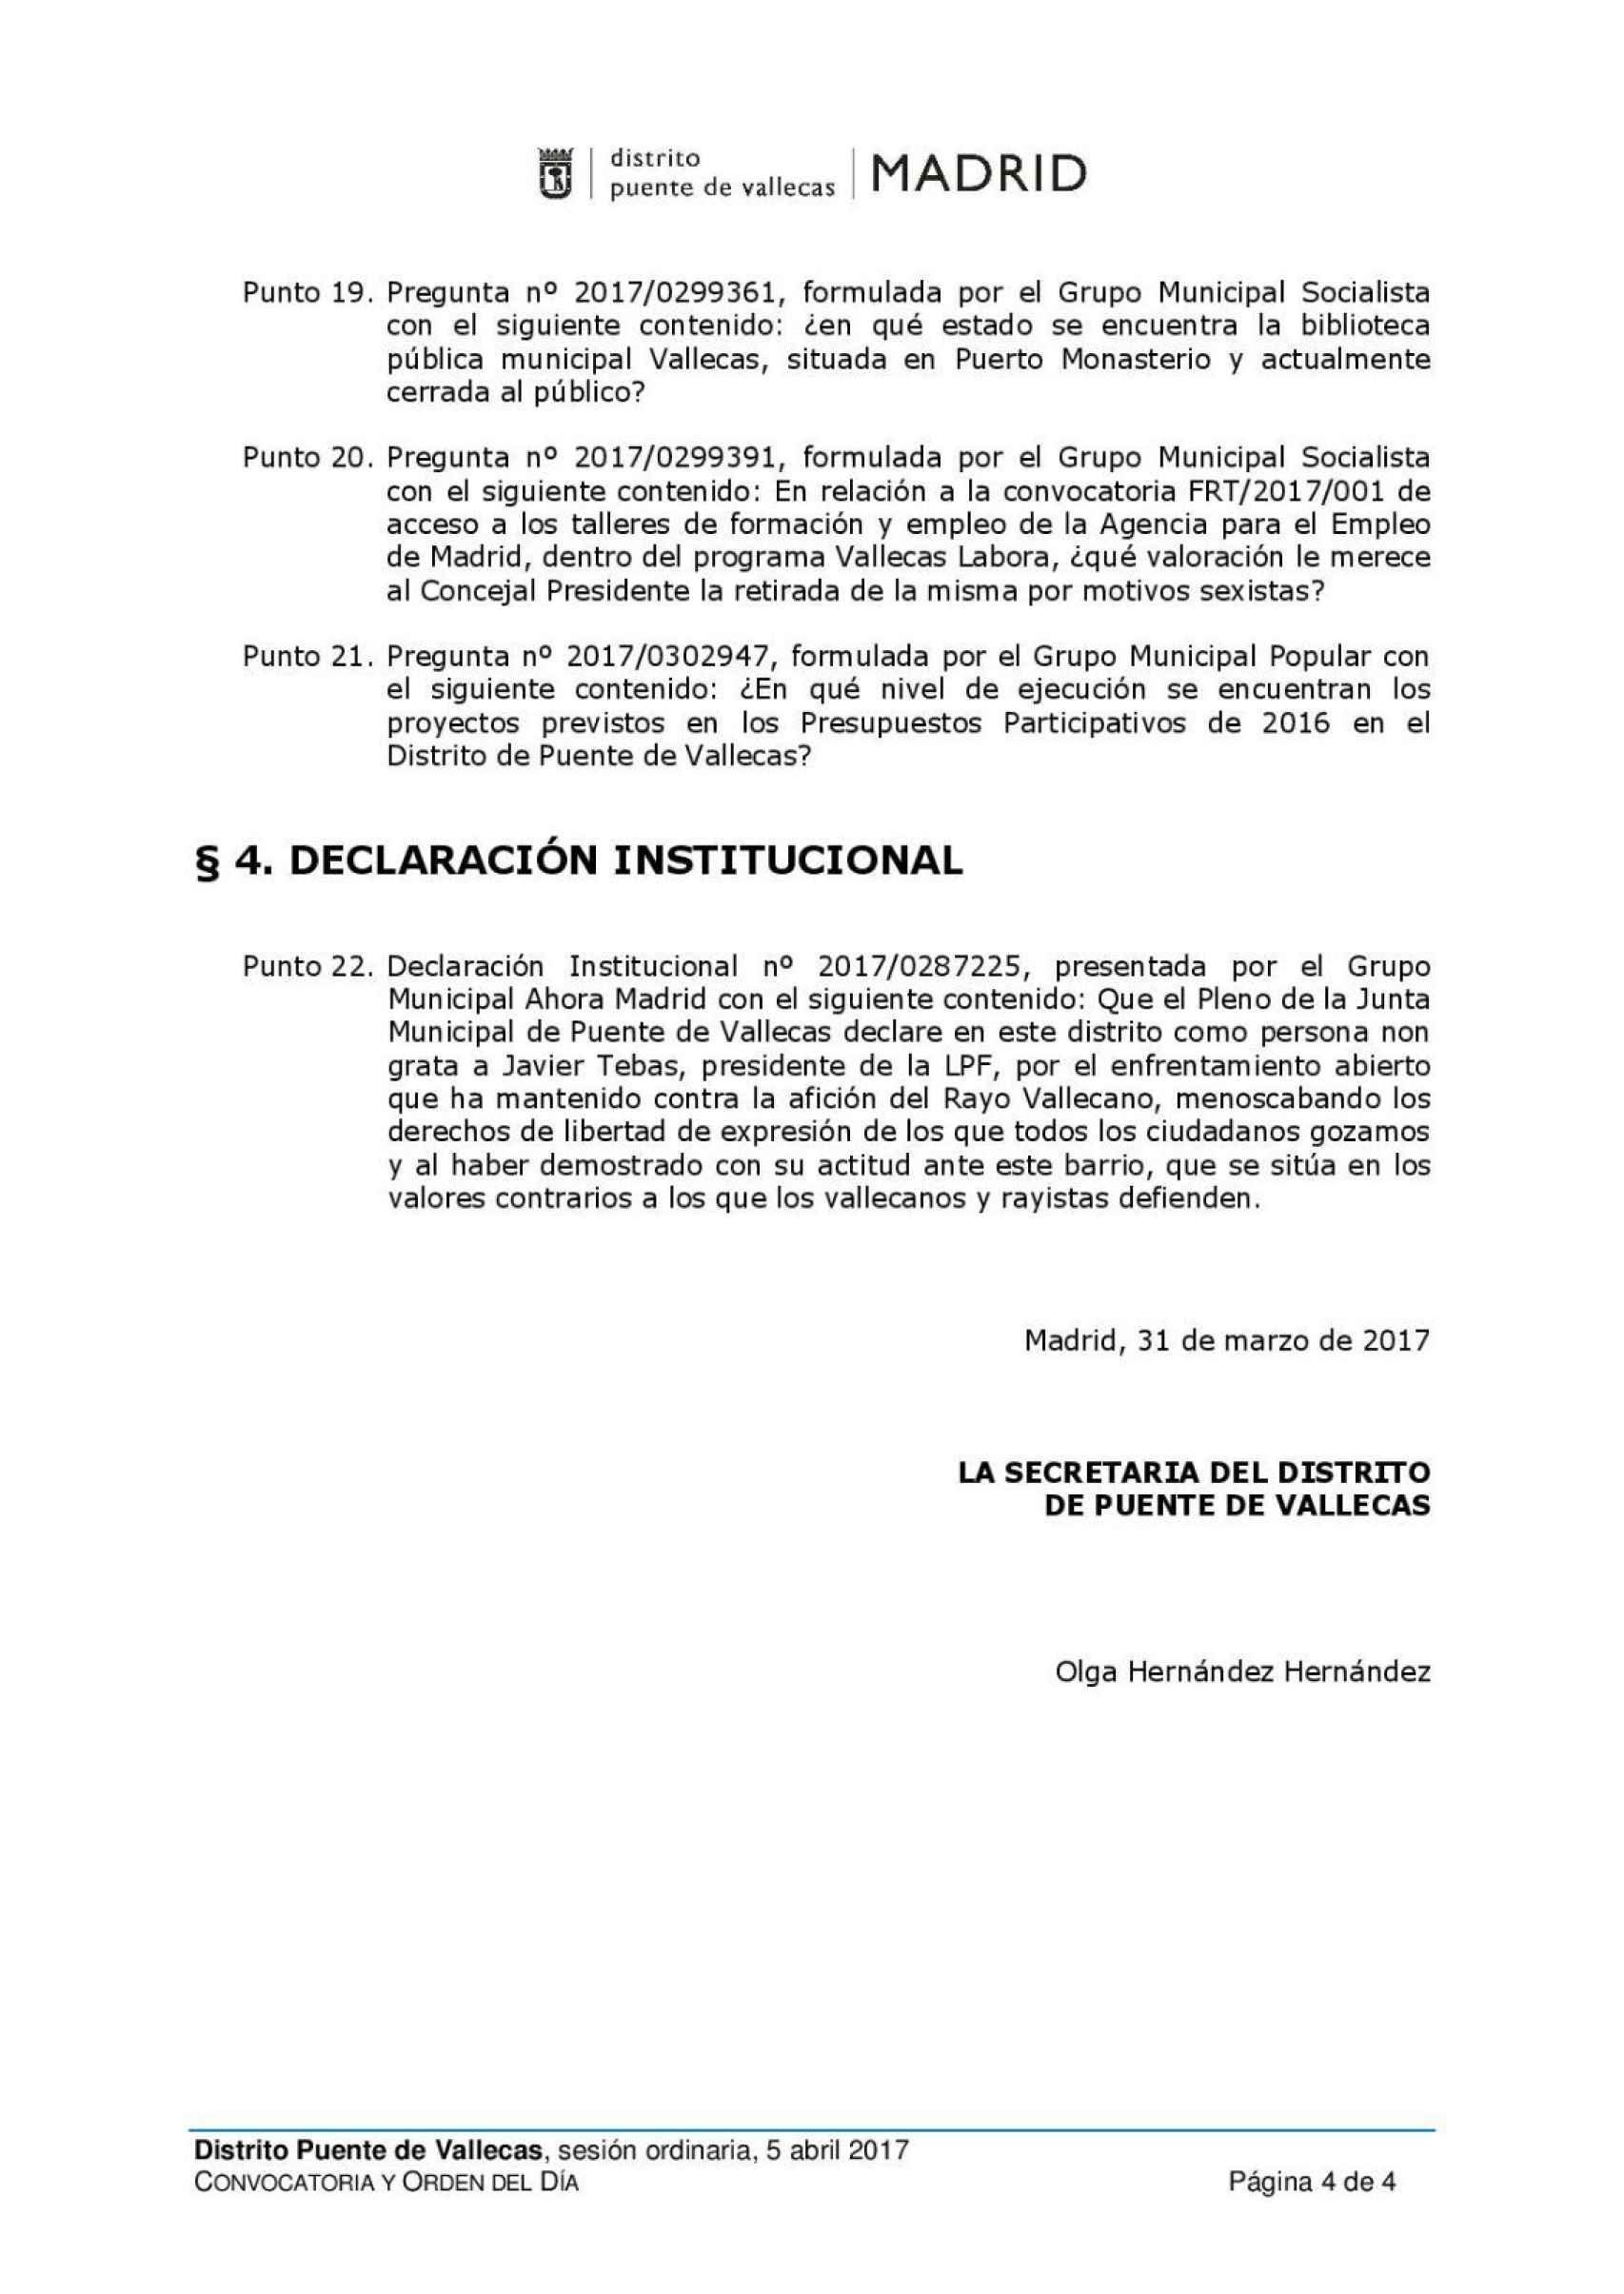 Borrador del orden del día original del Pleno y la declaración institucional.